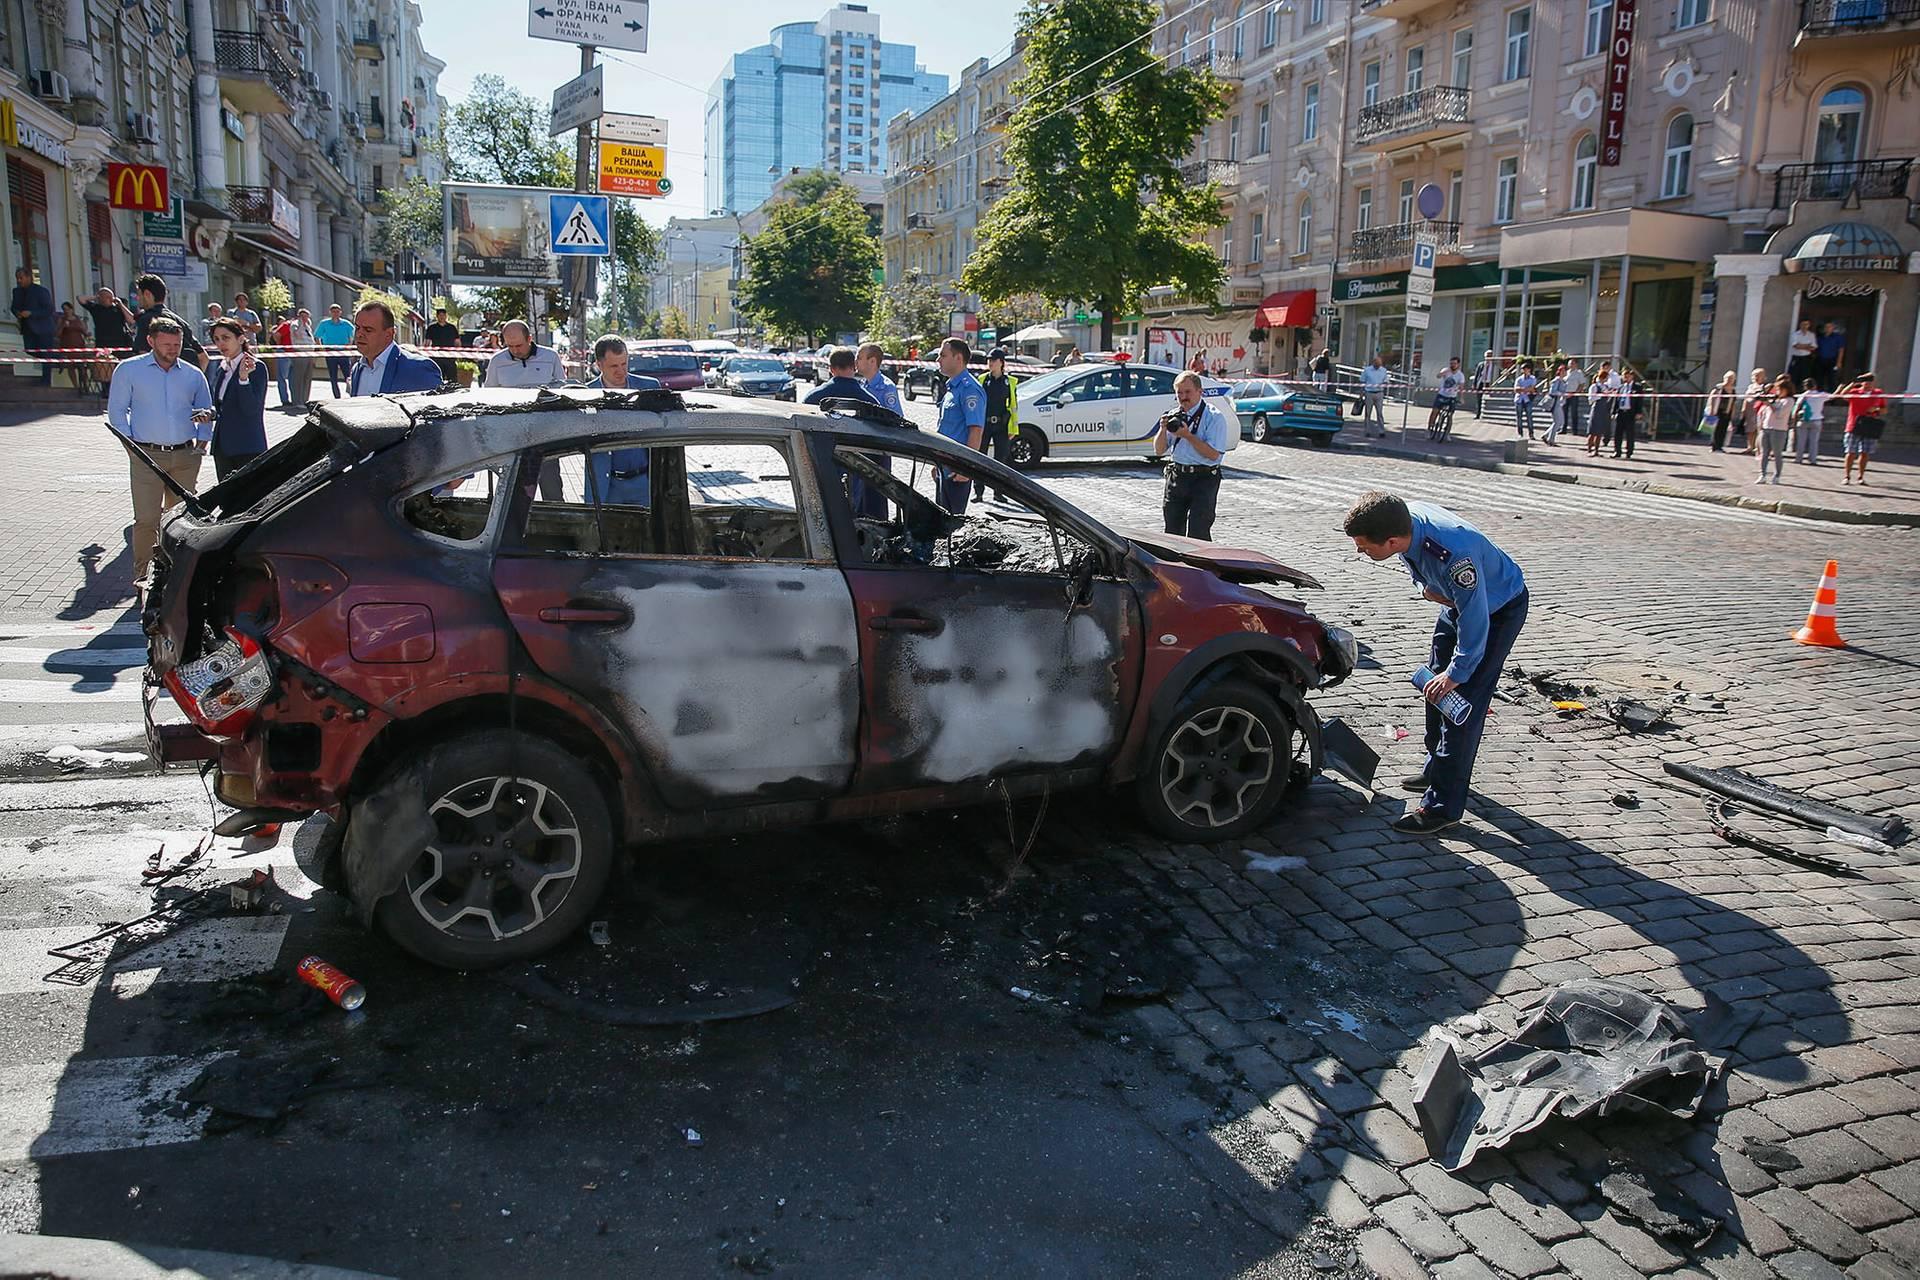 Поліція та криміналісти на місті вбивства журналіста Павла Шеремета в Києві, 20 червня 2016 року. Шеремет загинув 20 липня о 7:45 ранку в результаті вибуху машини. Він їхав на ранковий ефір своєї програми